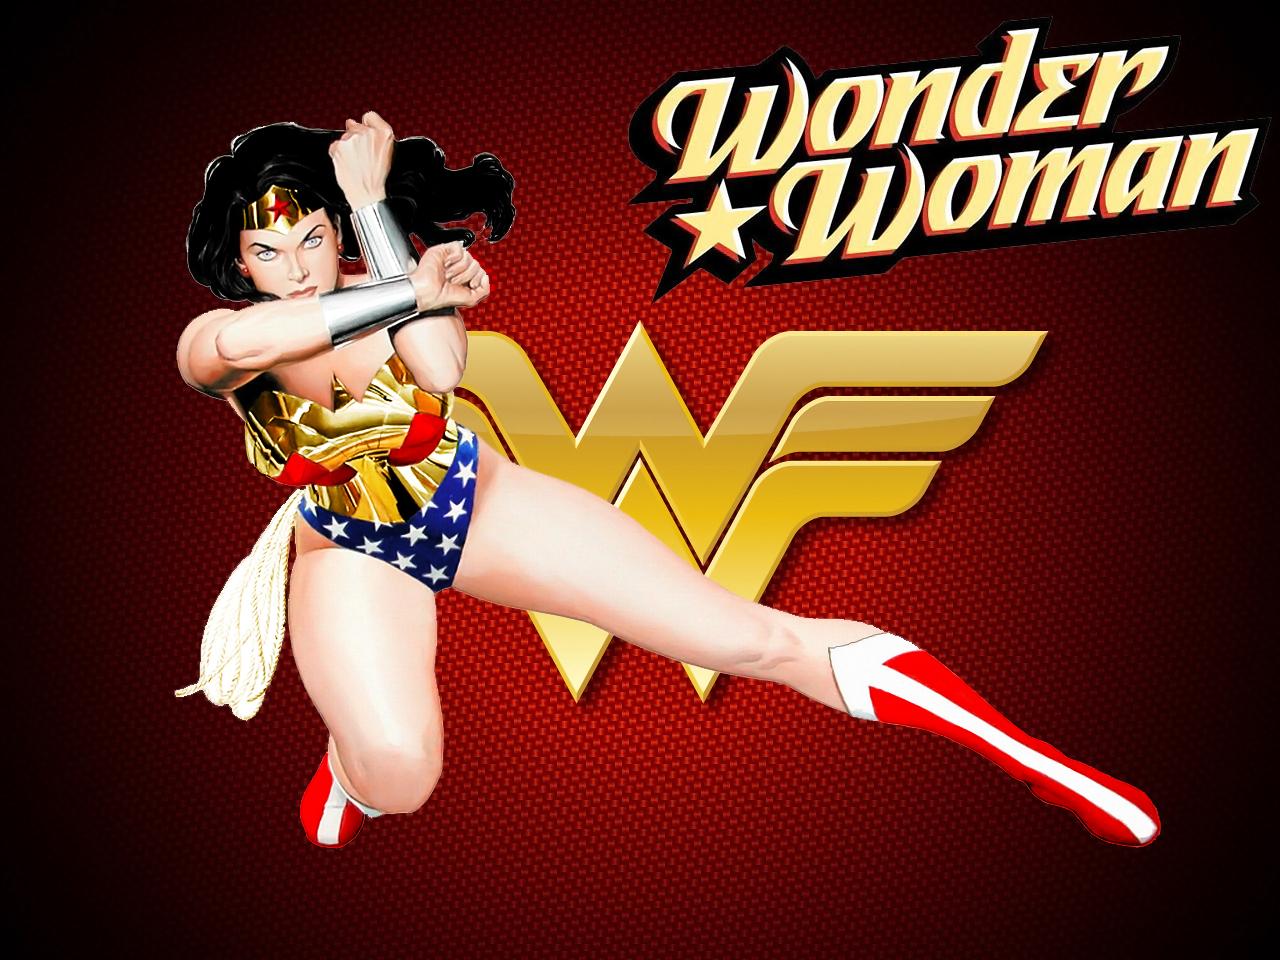 Wonderwoman Wallpaper 69 Images: Wonder Woman Wallpaper By SWFan1977 On DeviantArt